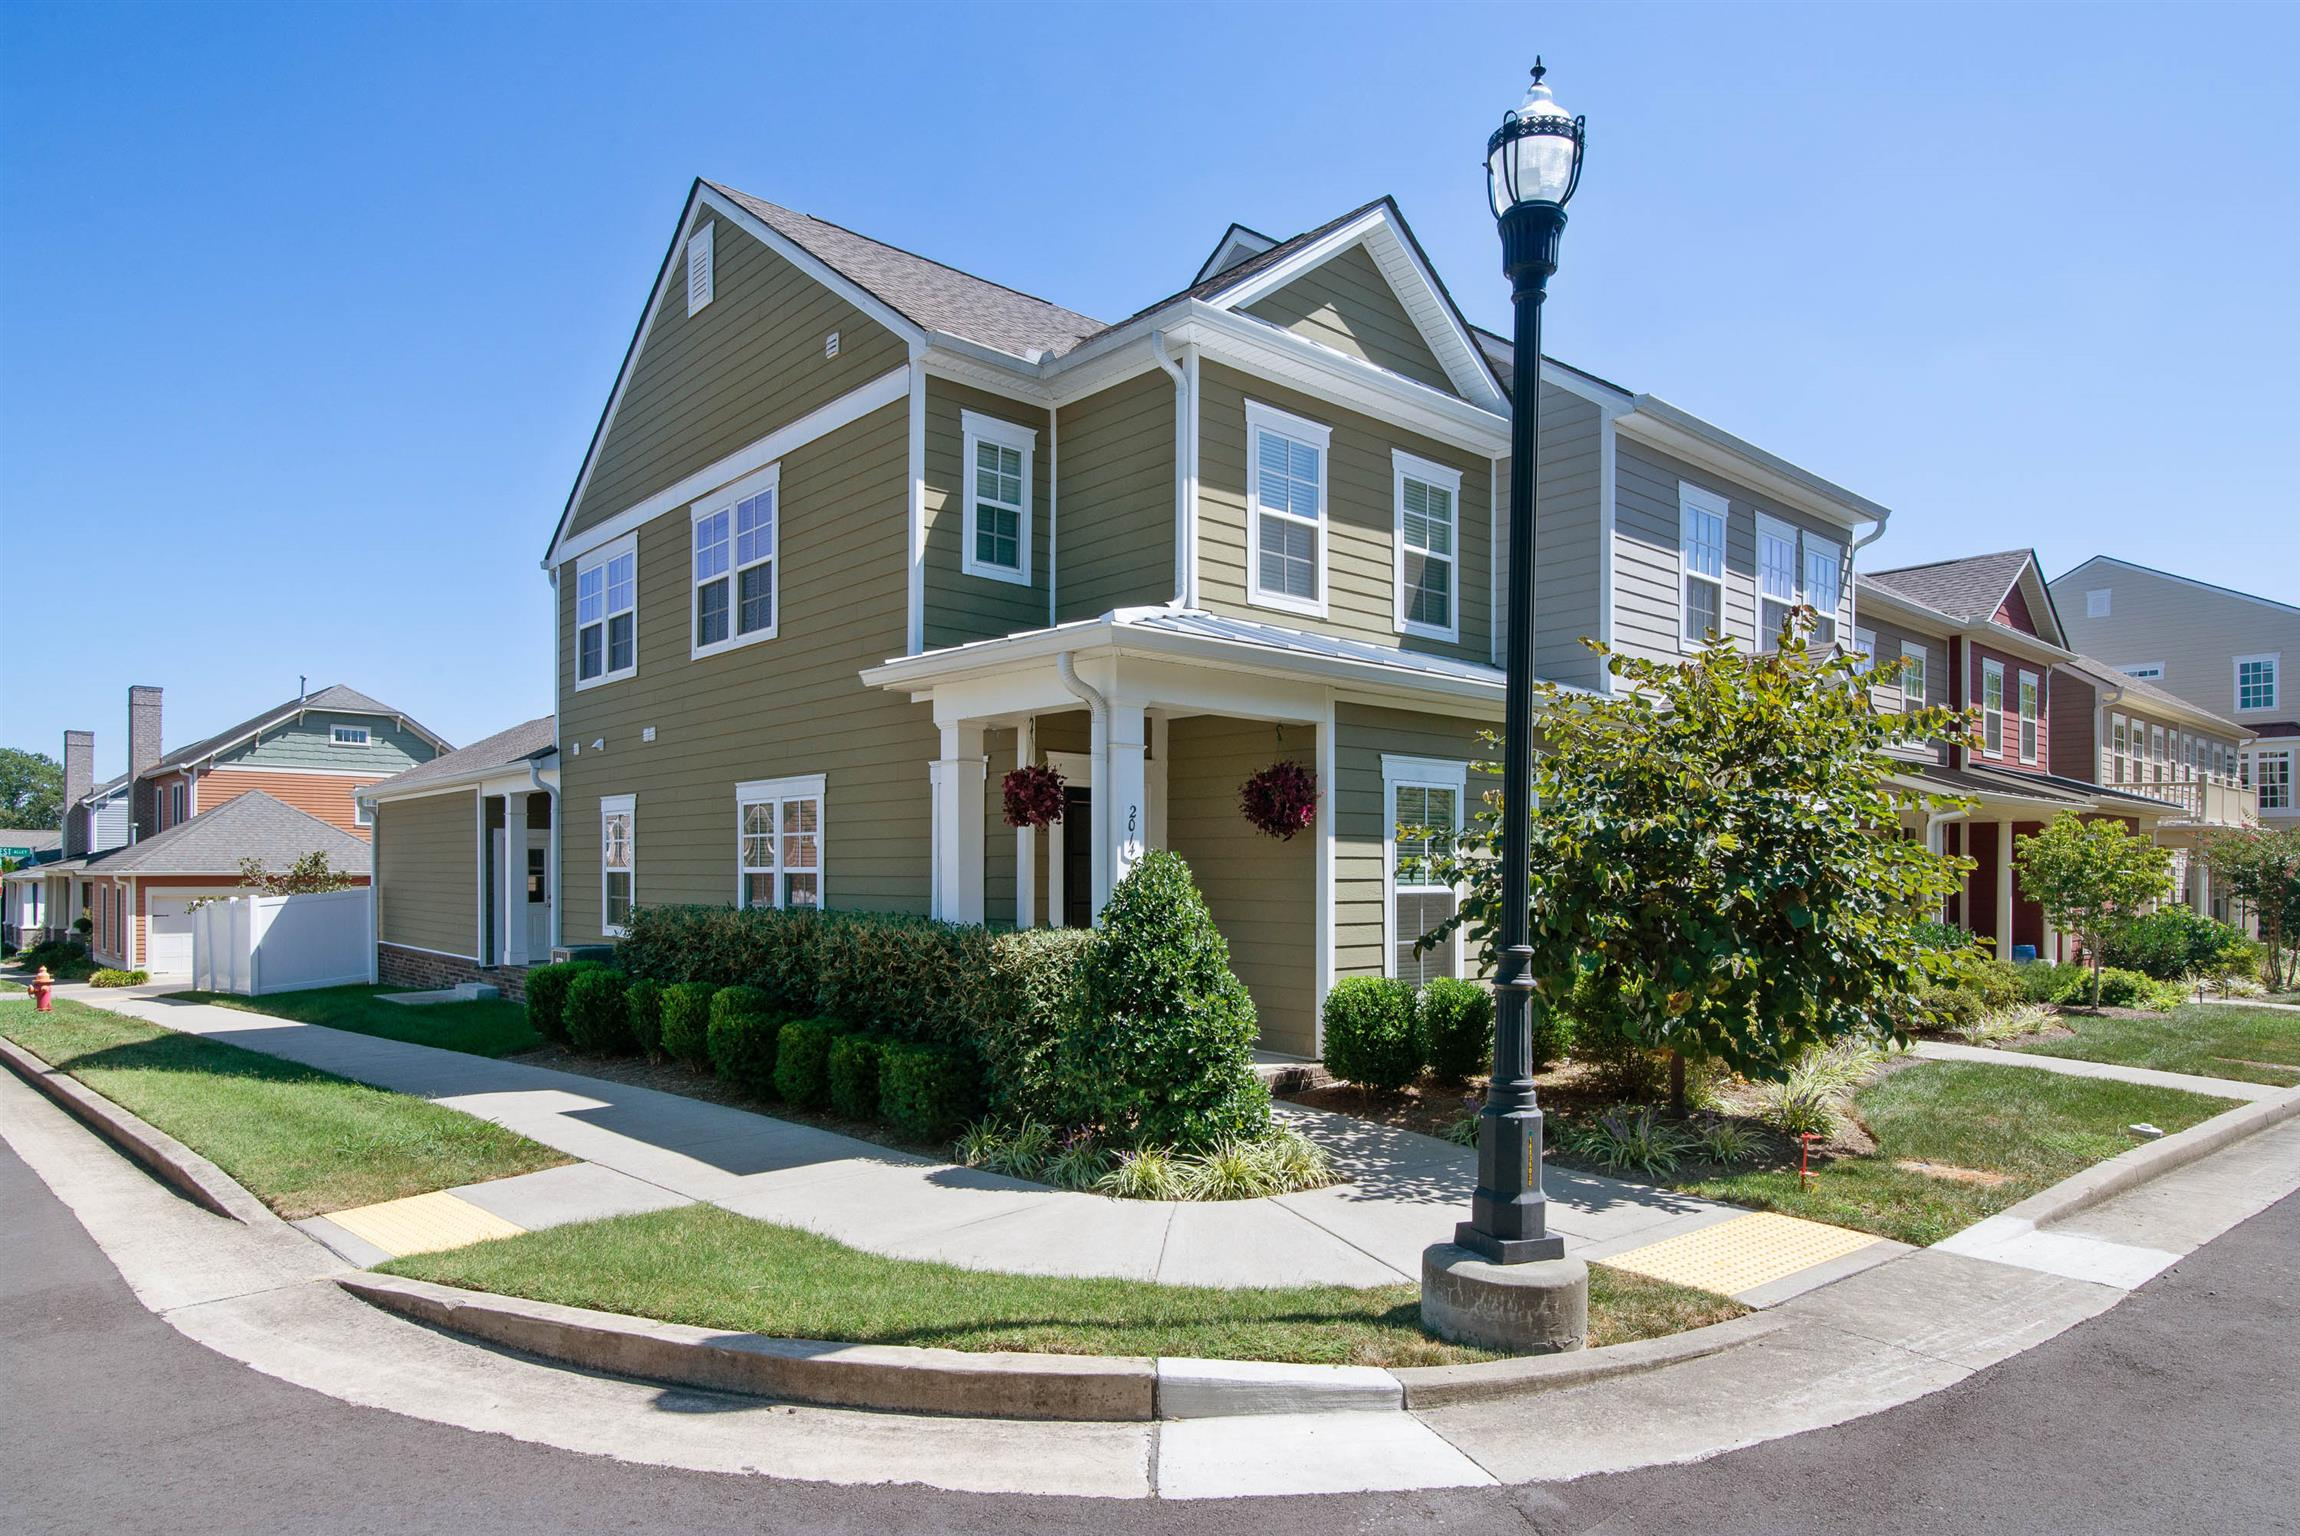 2014 Oak Trail Dr, Nolensville, TN 37135 - Nolensville, TN real estate listing